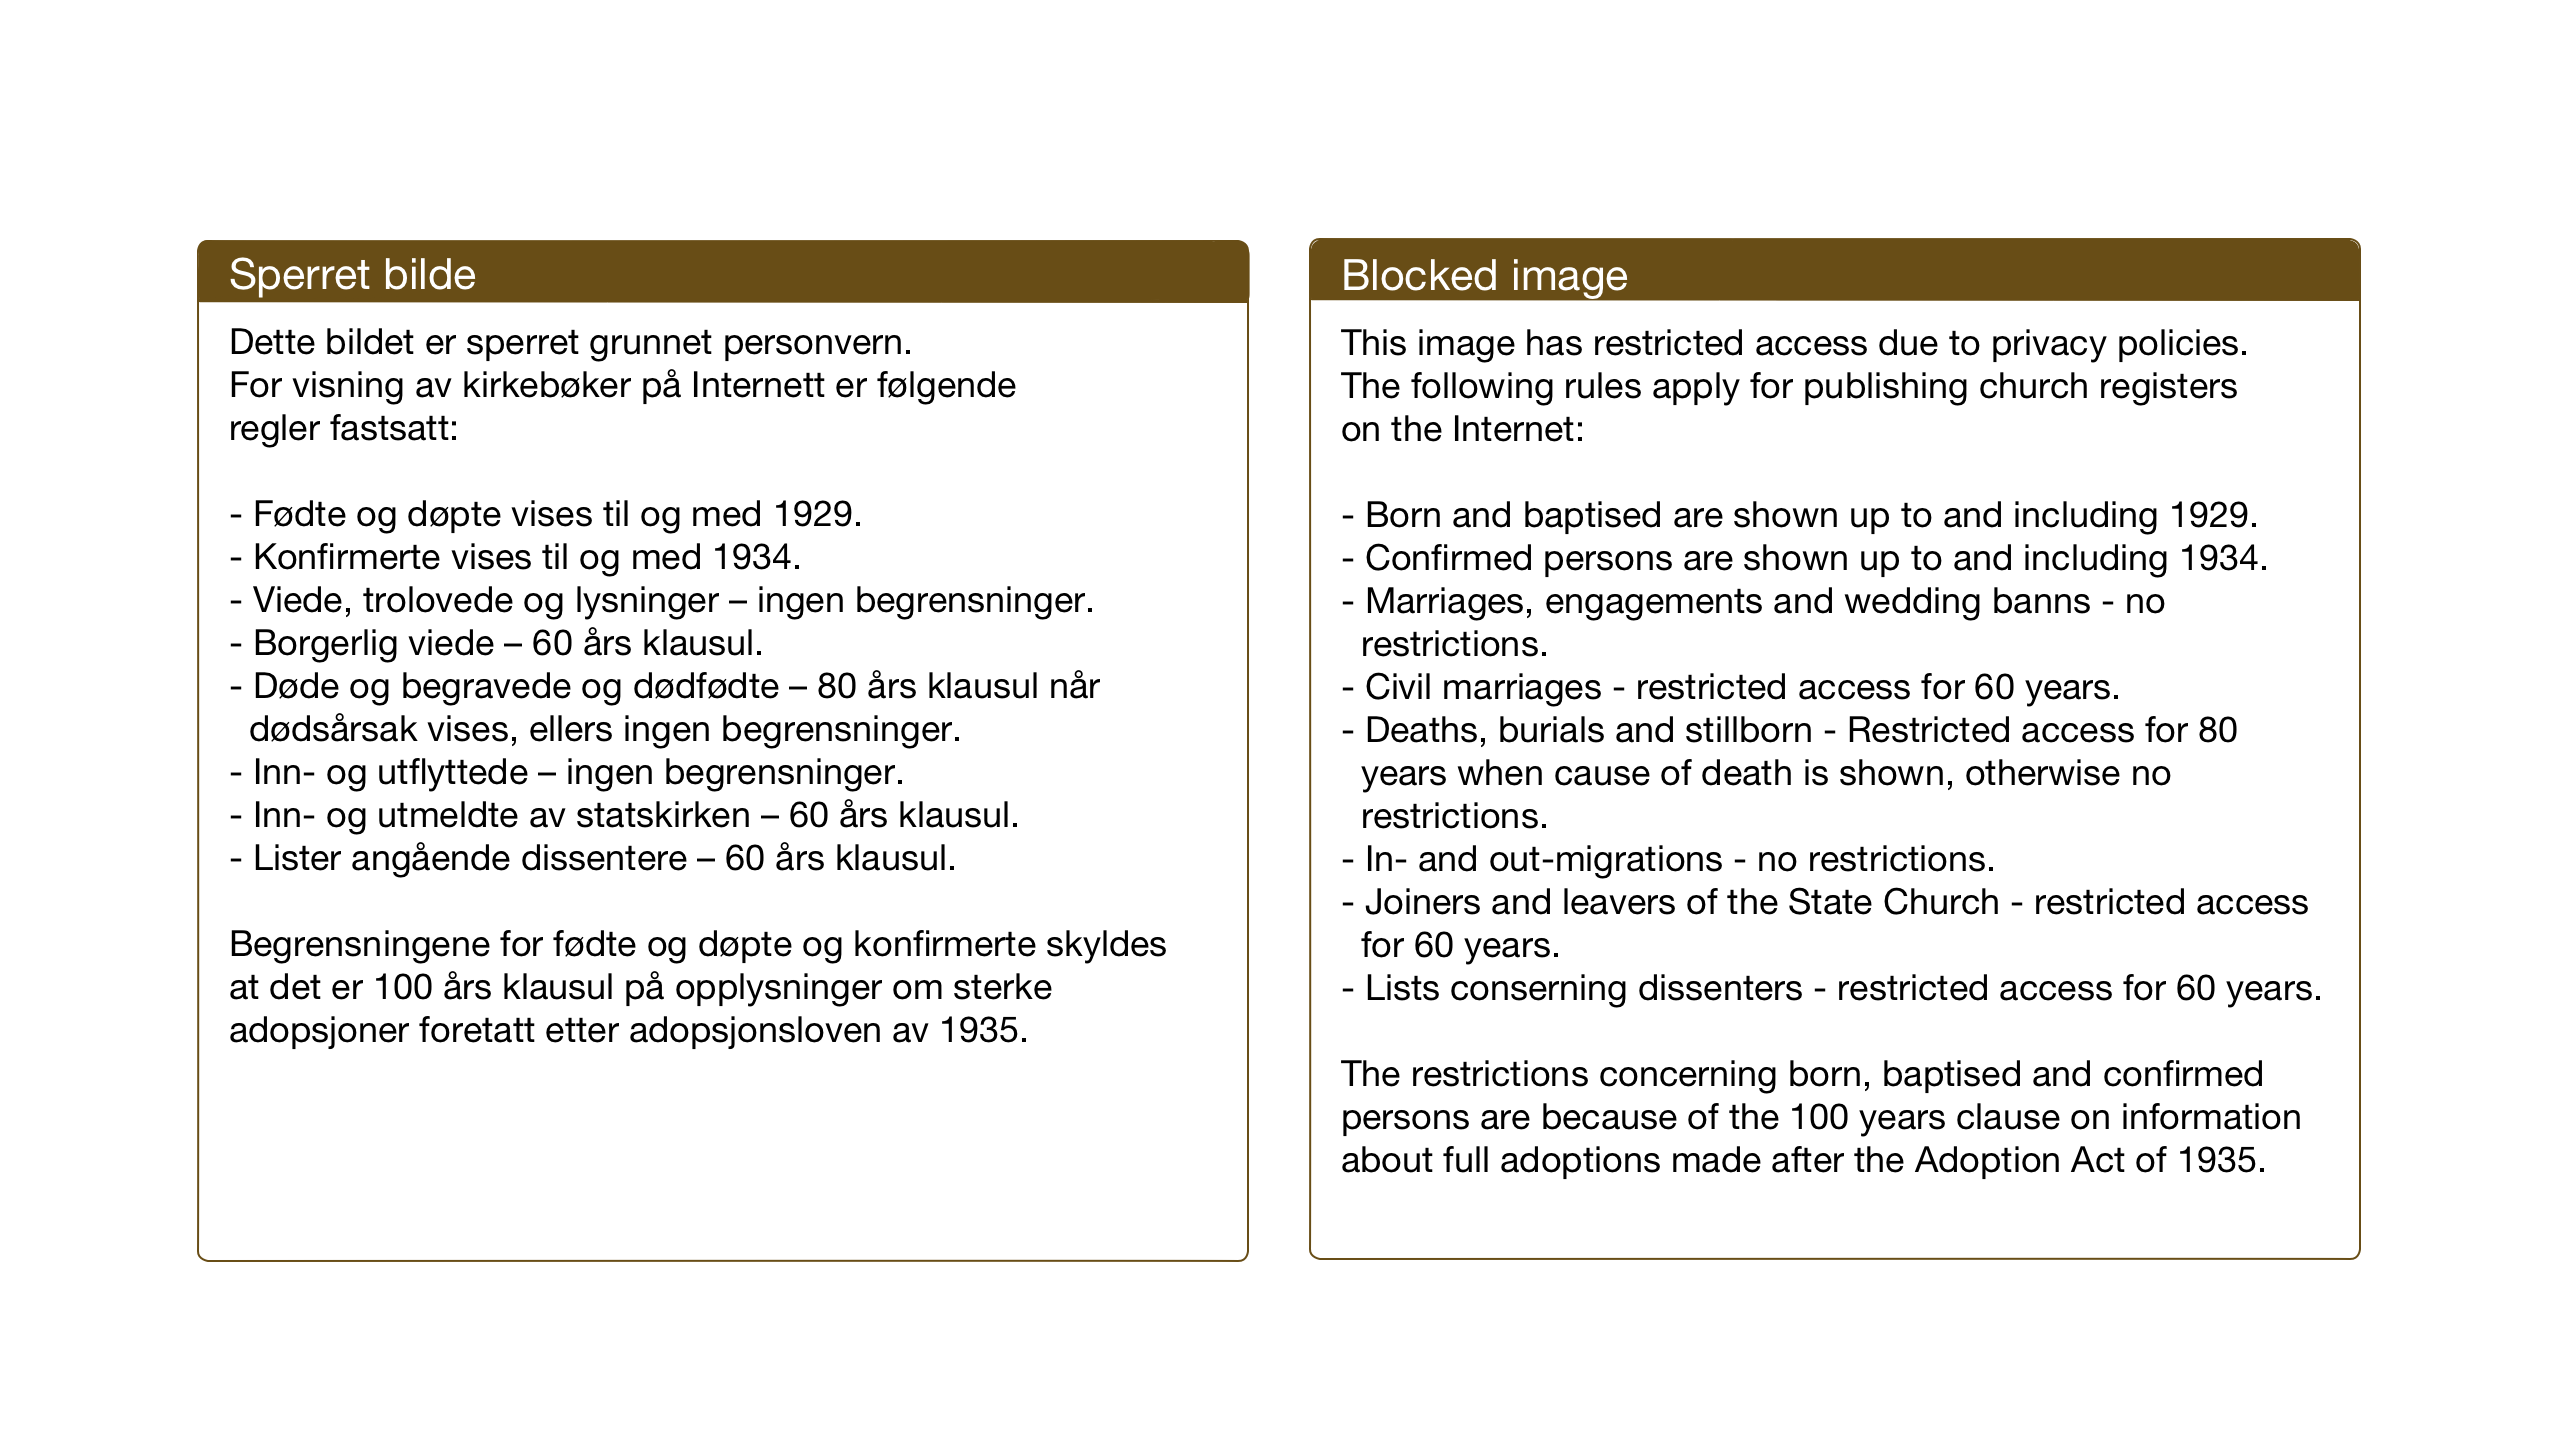 SAT, Ministerialprotokoller, klokkerbøker og fødselsregistre - Sør-Trøndelag, 682/L0947: Klokkerbok nr. 682C01, 1926-1968, s. 86